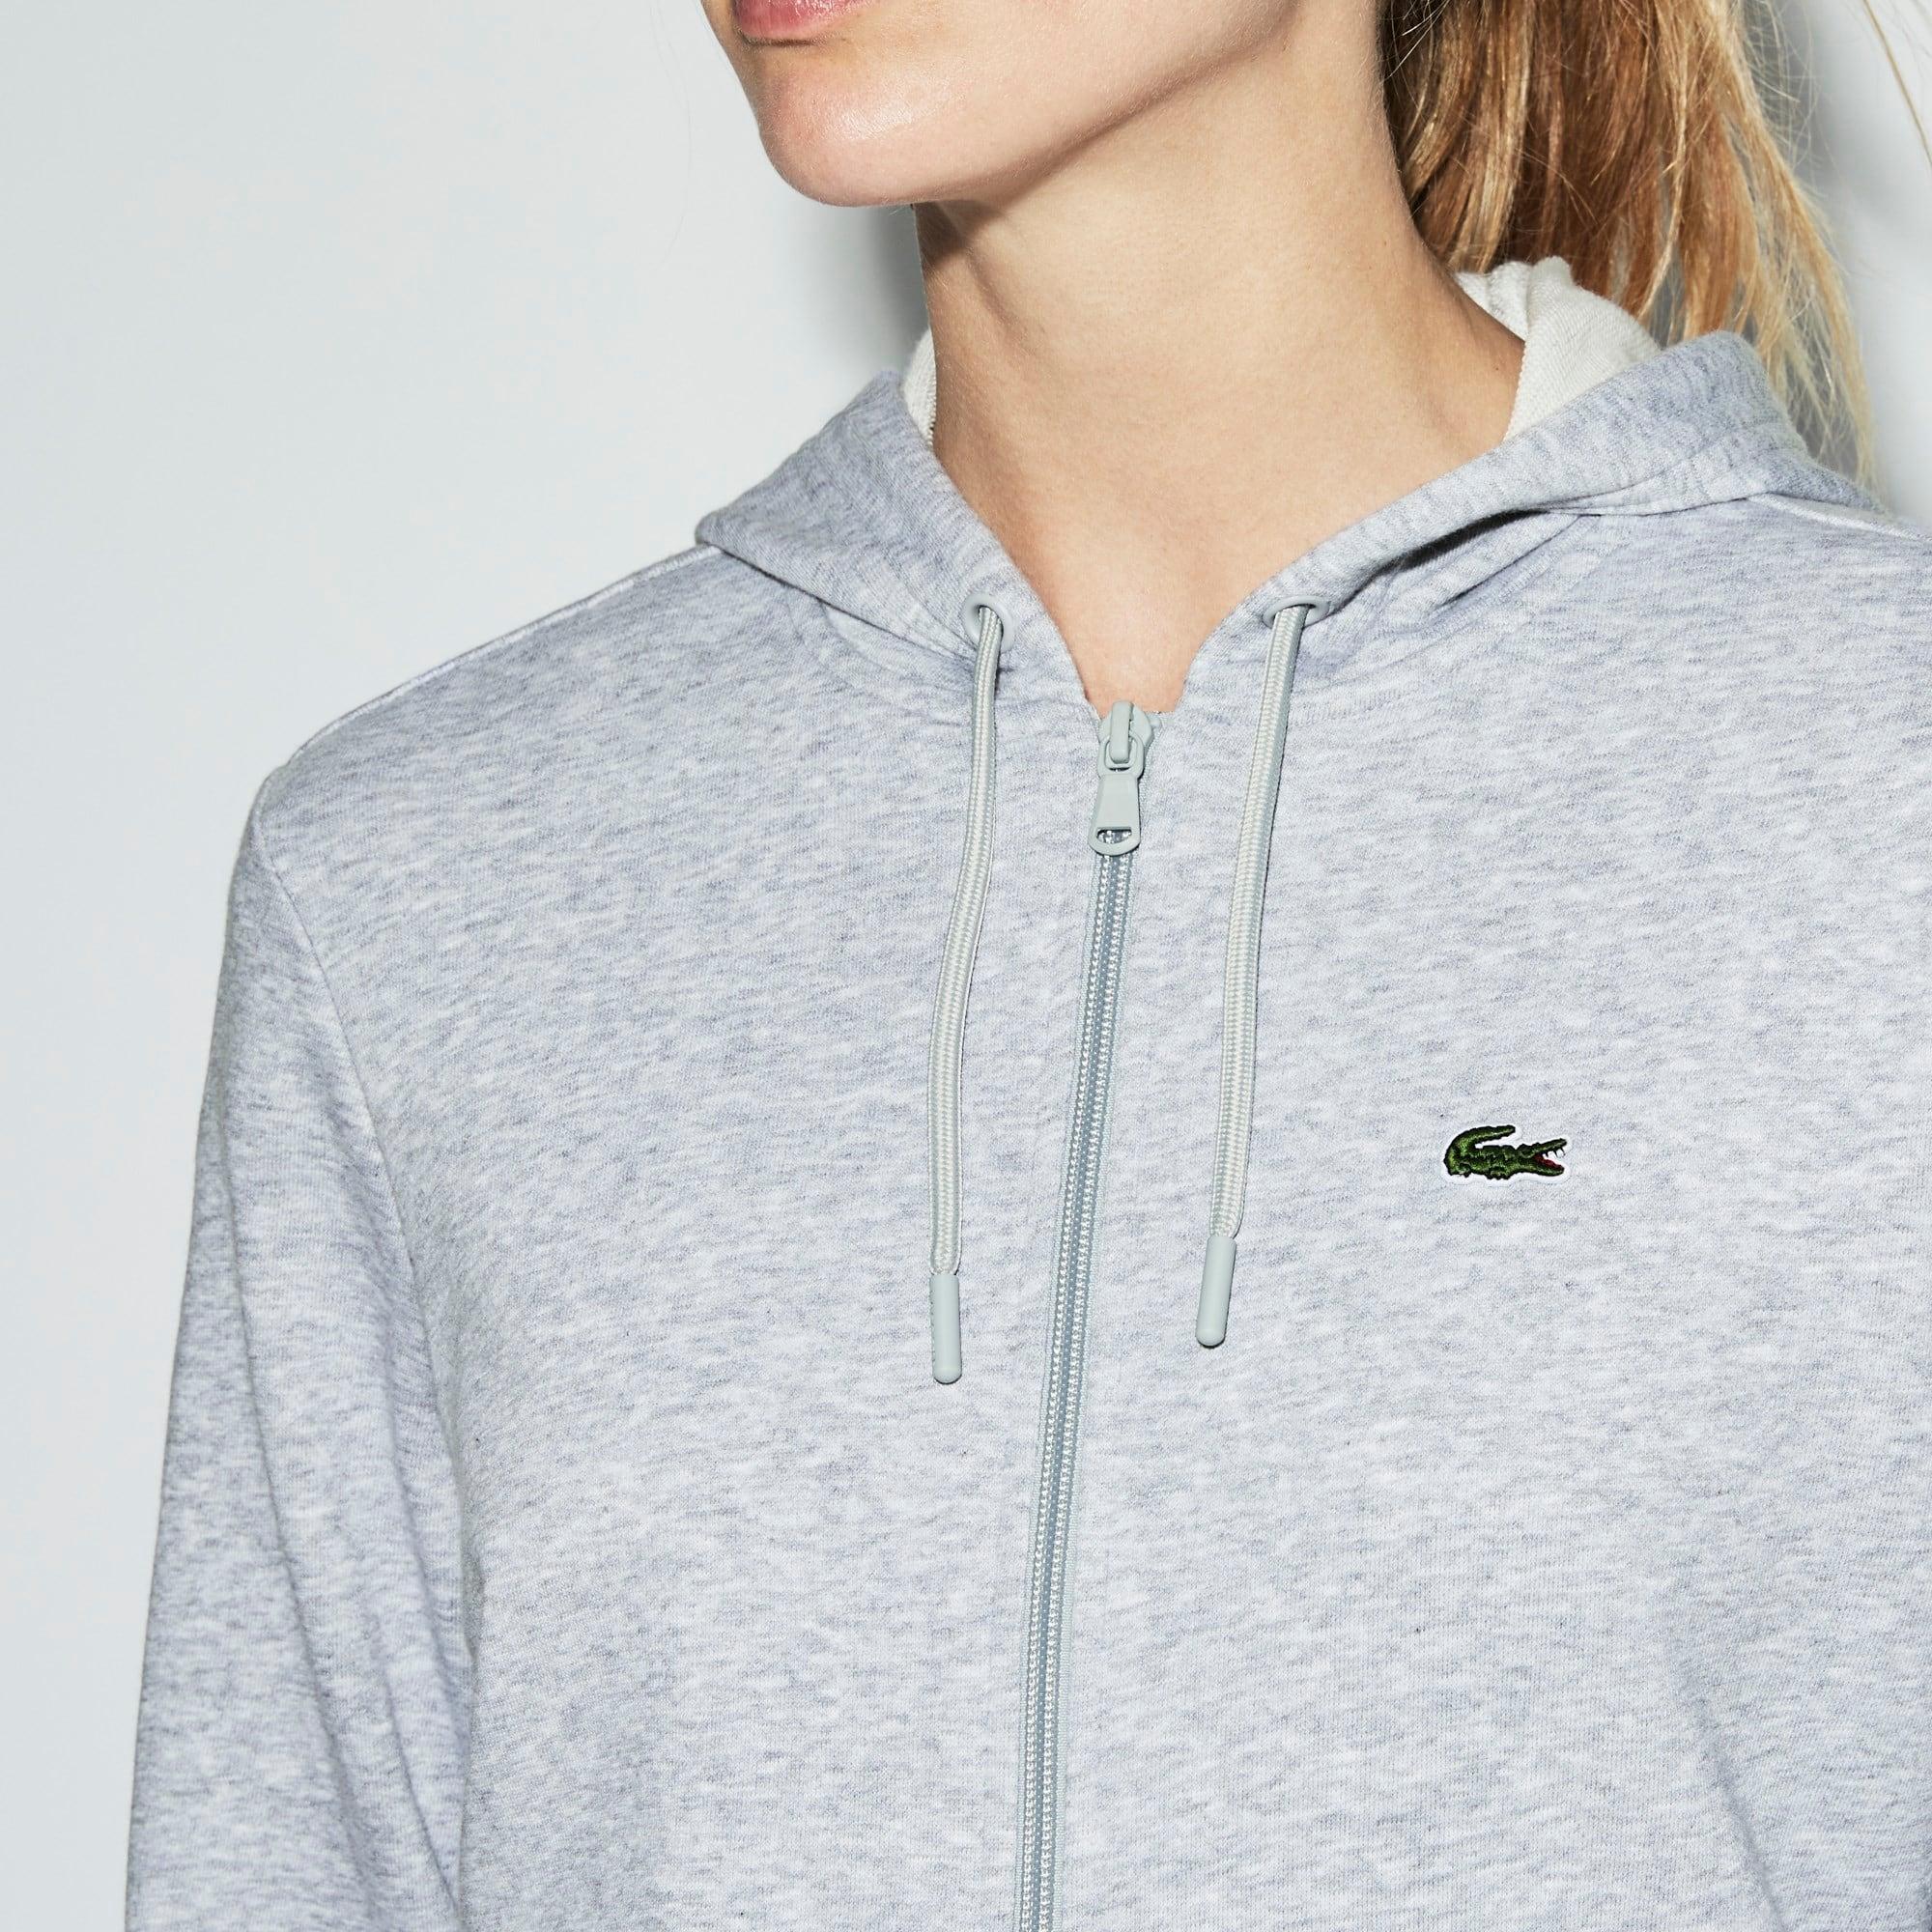 Womens Lacoste Zip Hooded Tennis Sweatshirt Hoodie New